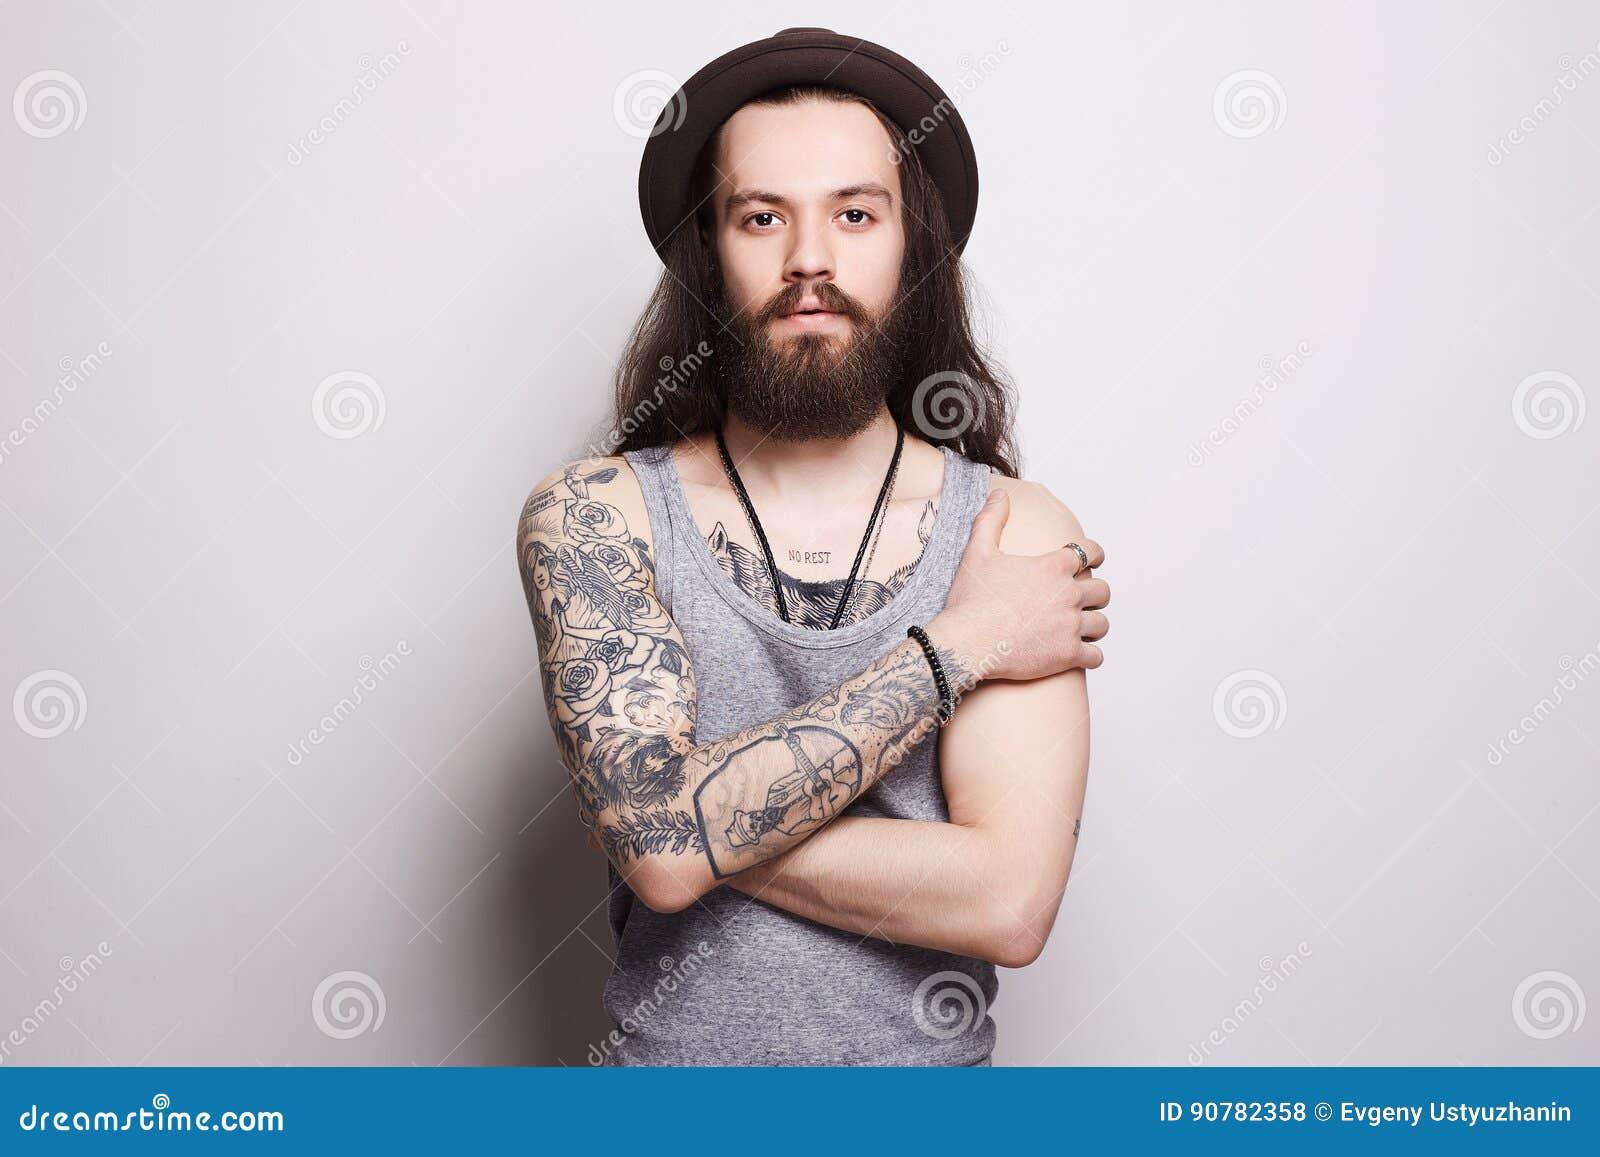 frais tatouage homme